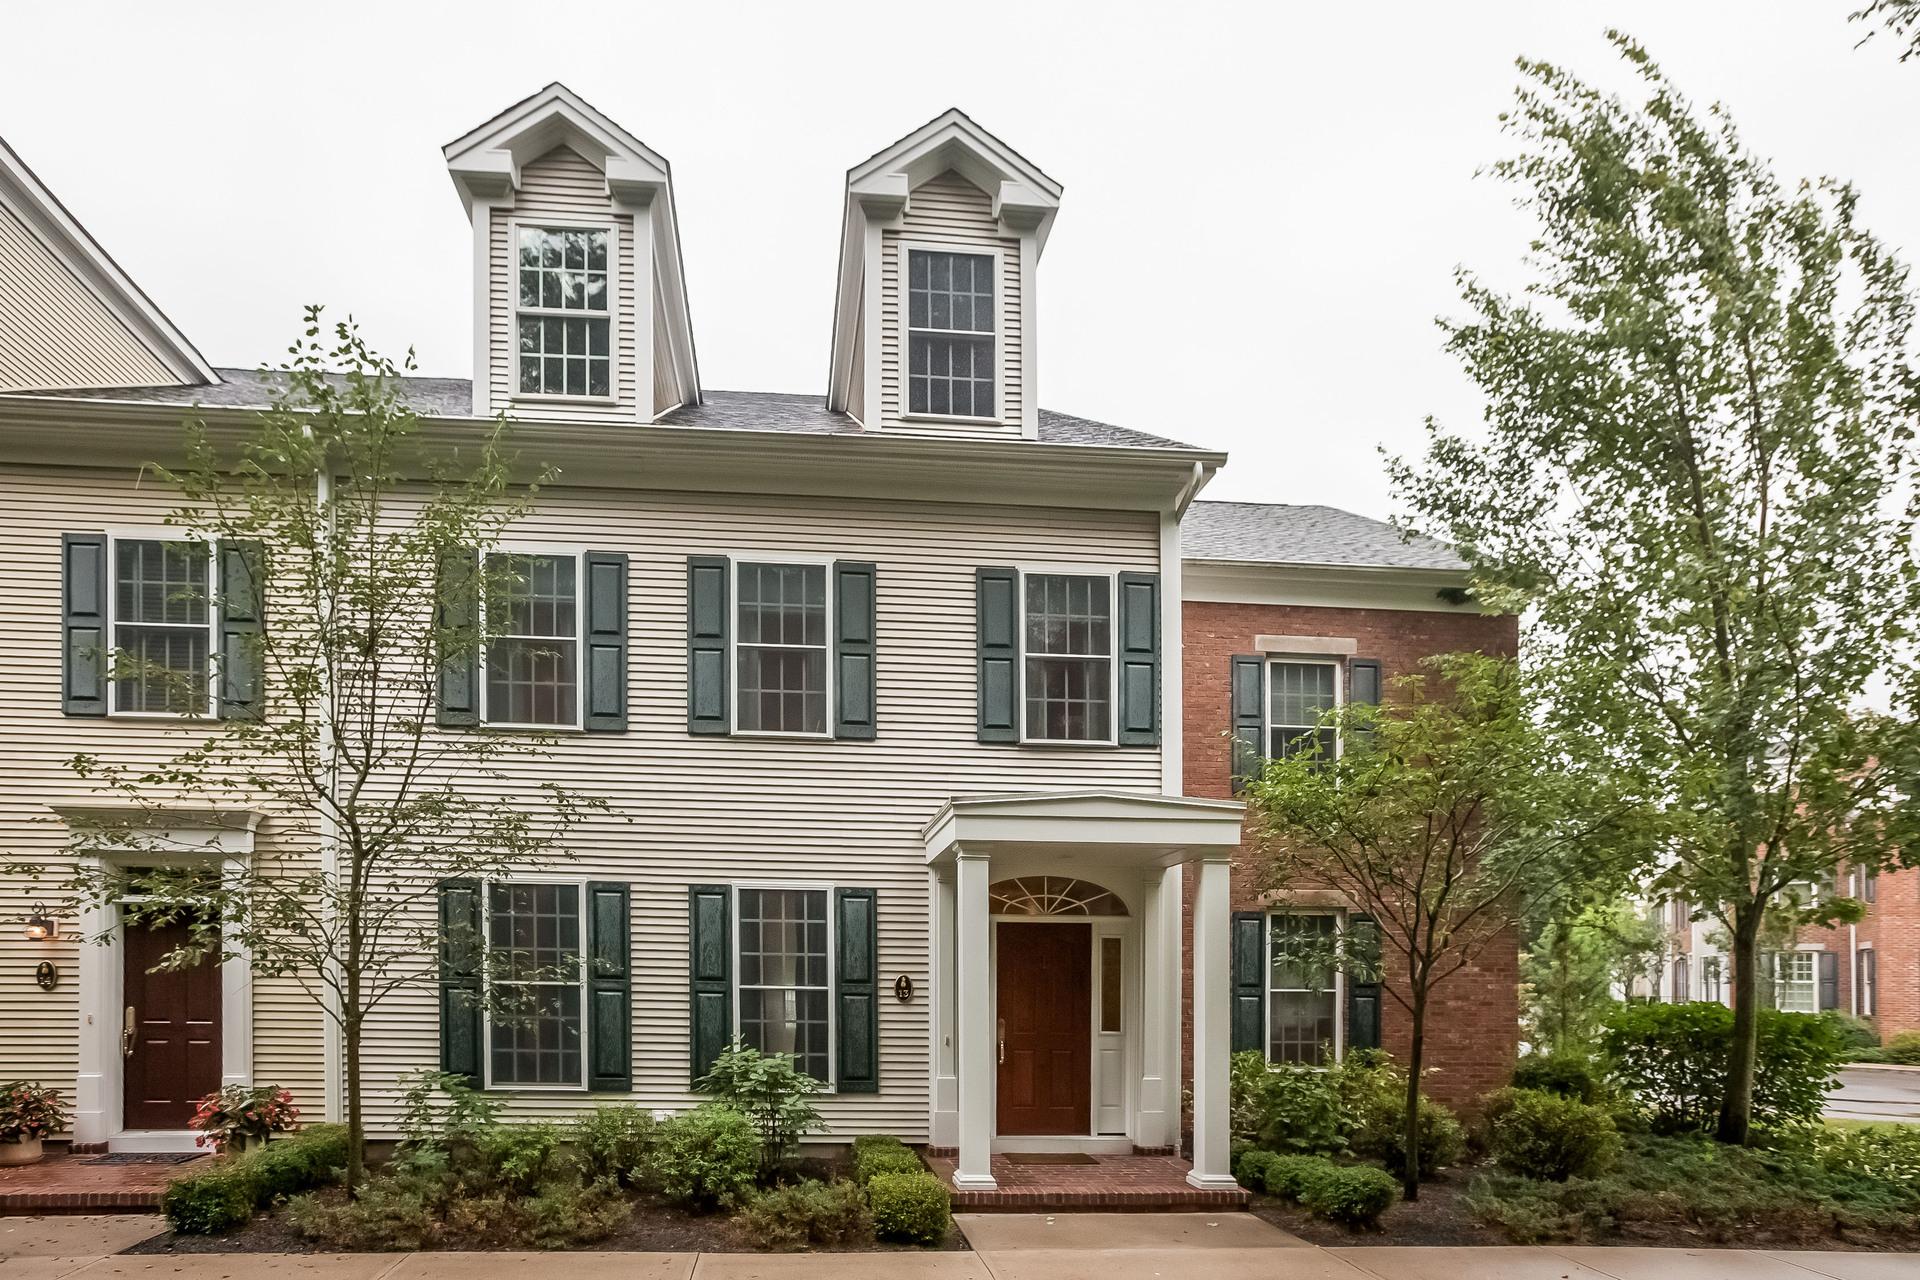 Eigentumswohnung für Verkauf beim 13 Evarts Ln 13 Evarts Ln 13 Madison, Connecticut 06443 Vereinigte Staaten